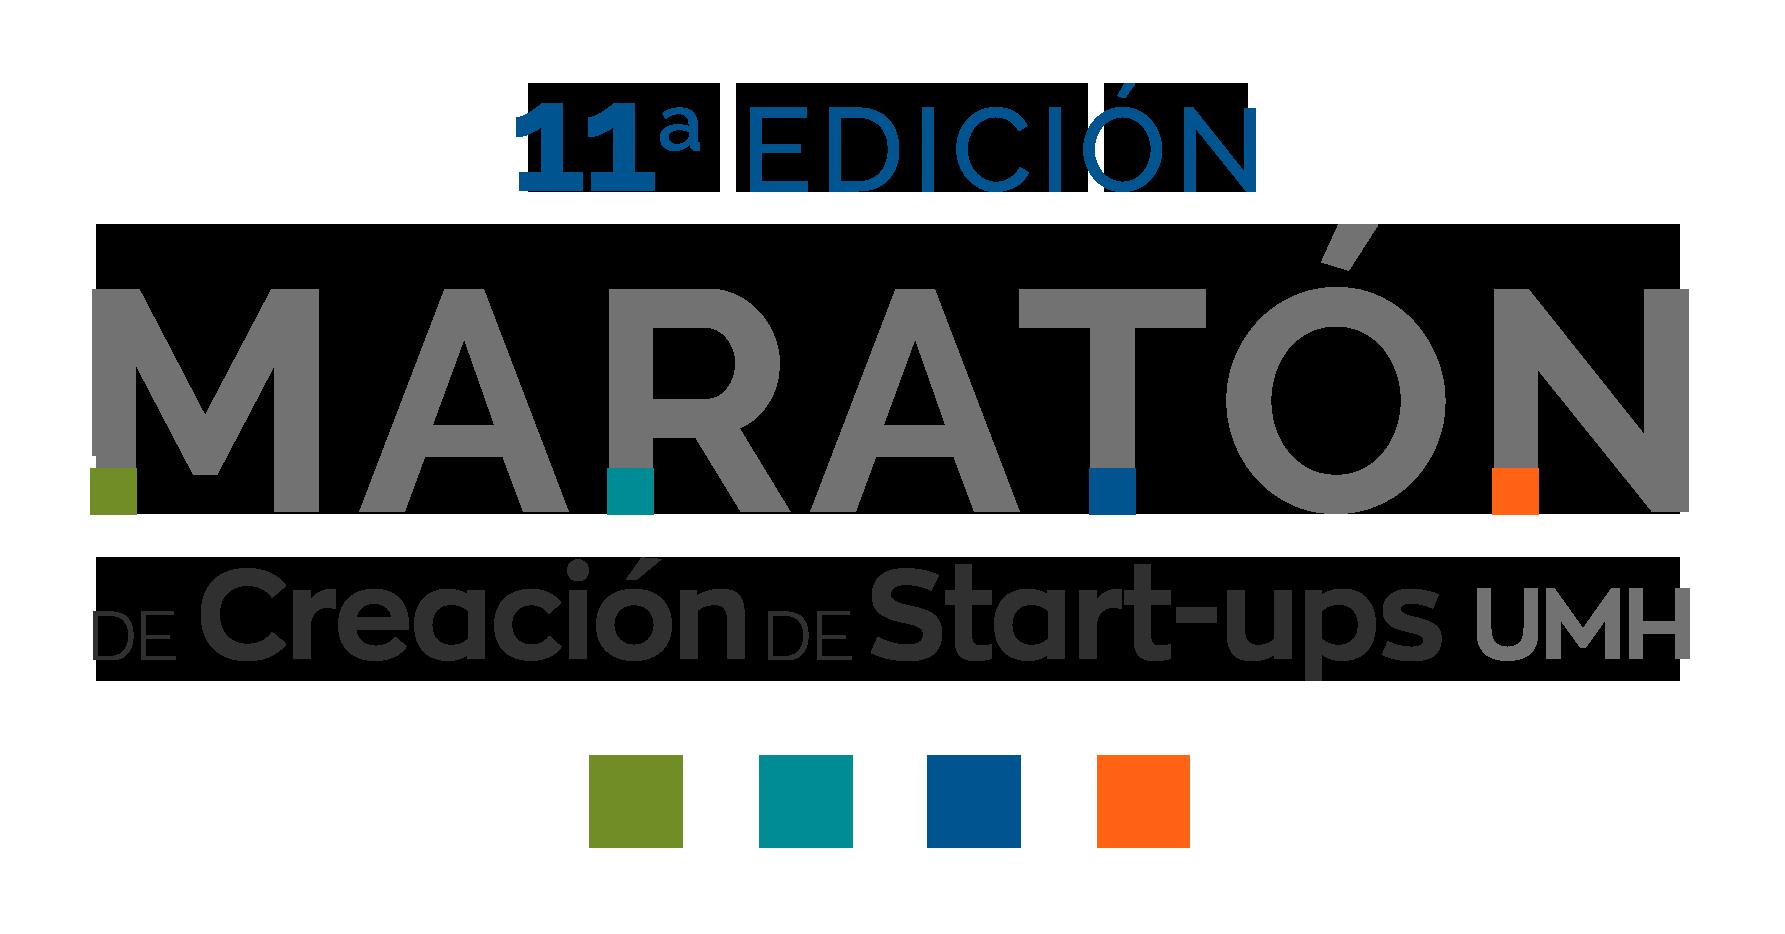 Maratón de Start-ups UMH